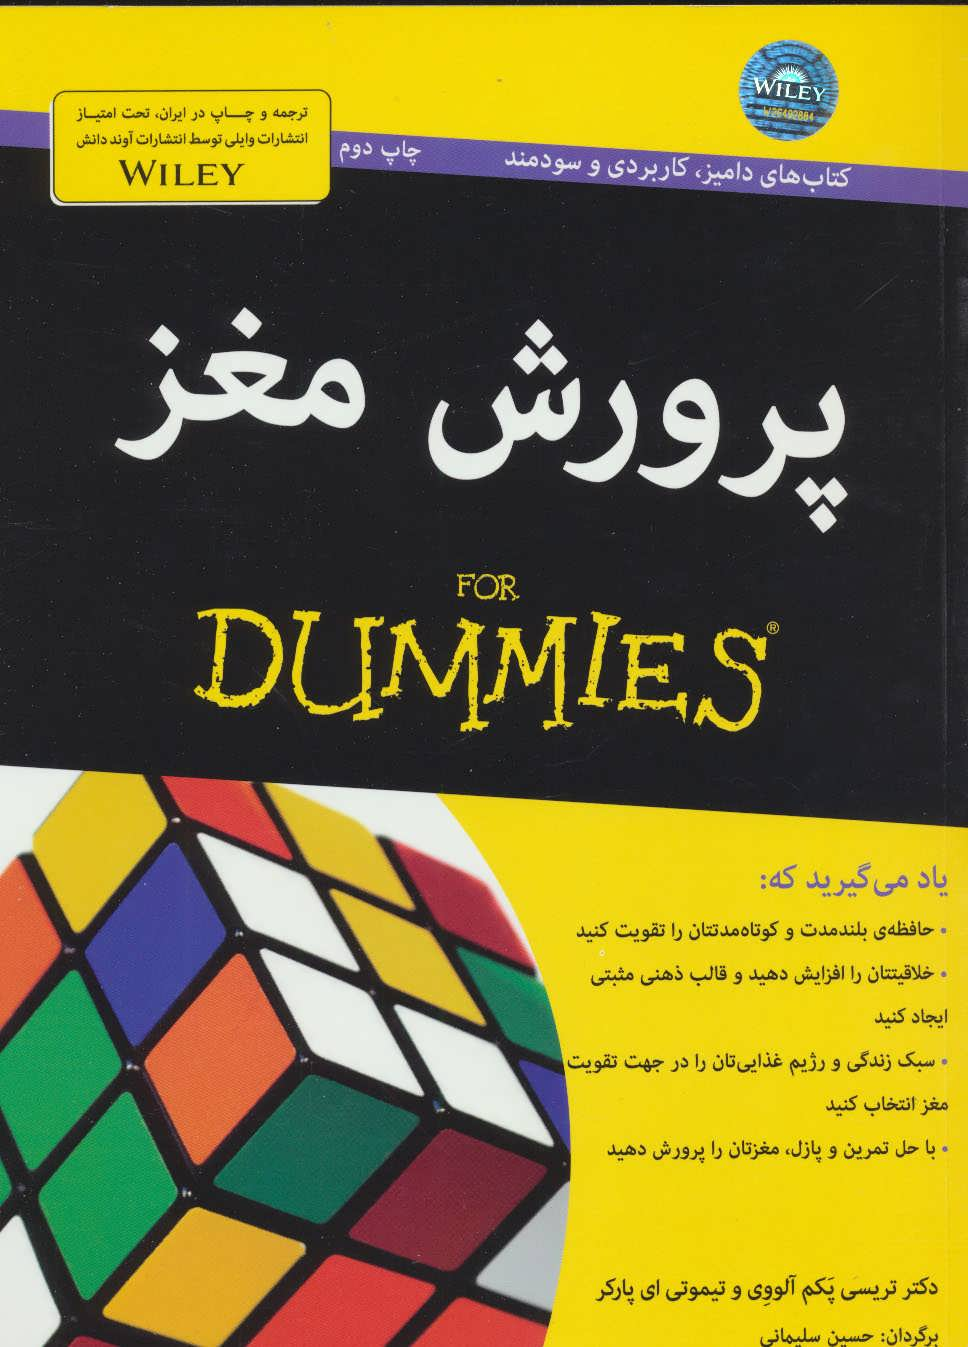 كتاب هاي داميز (پرورش مغز)